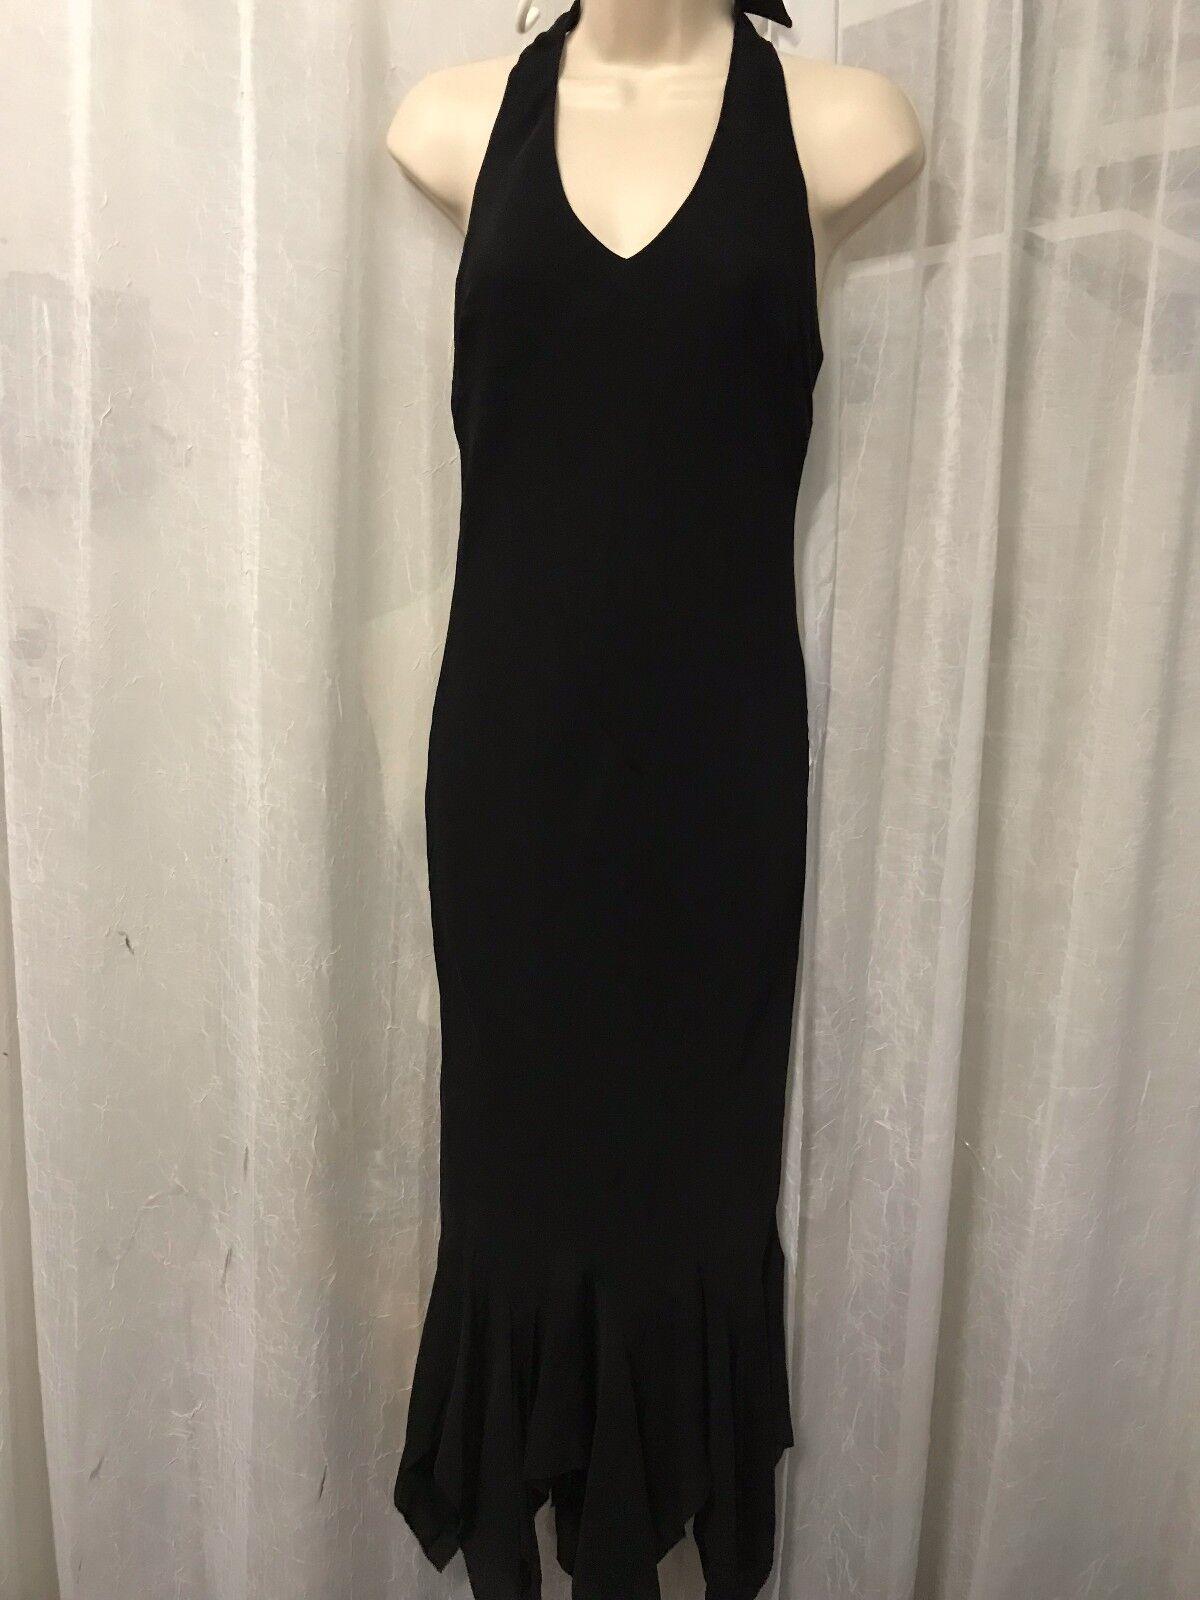 Ralph Lauren Woherren Dress schwarz Kauai 100% Silk Halter Long Größe 6 NWT